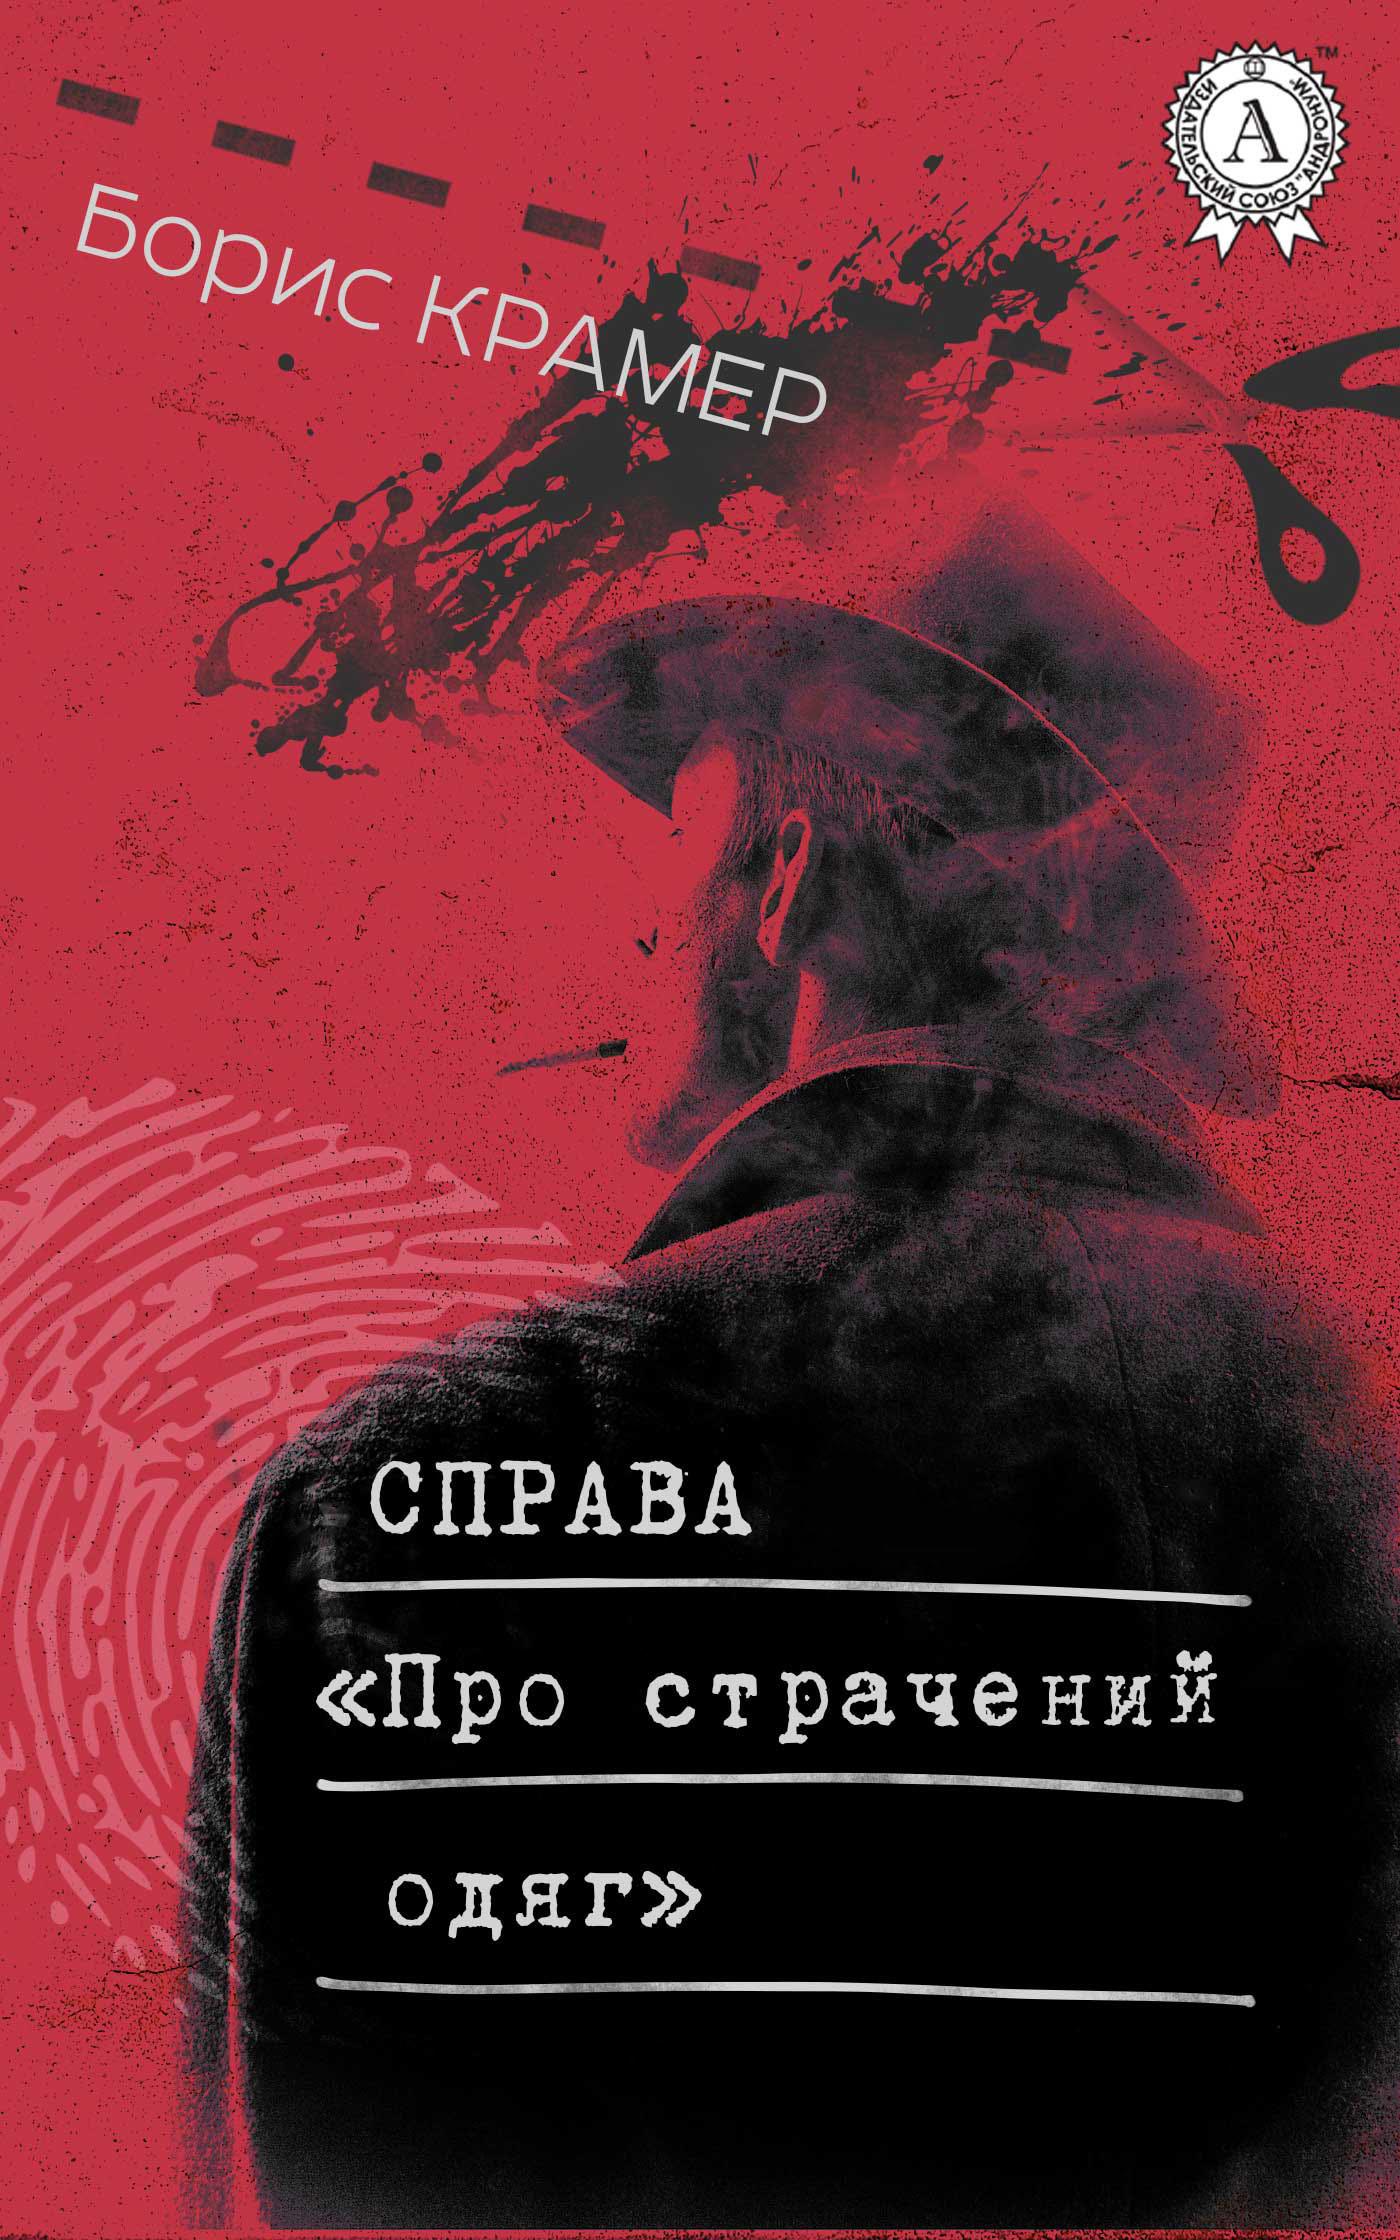 Борис Крамер бесплатно